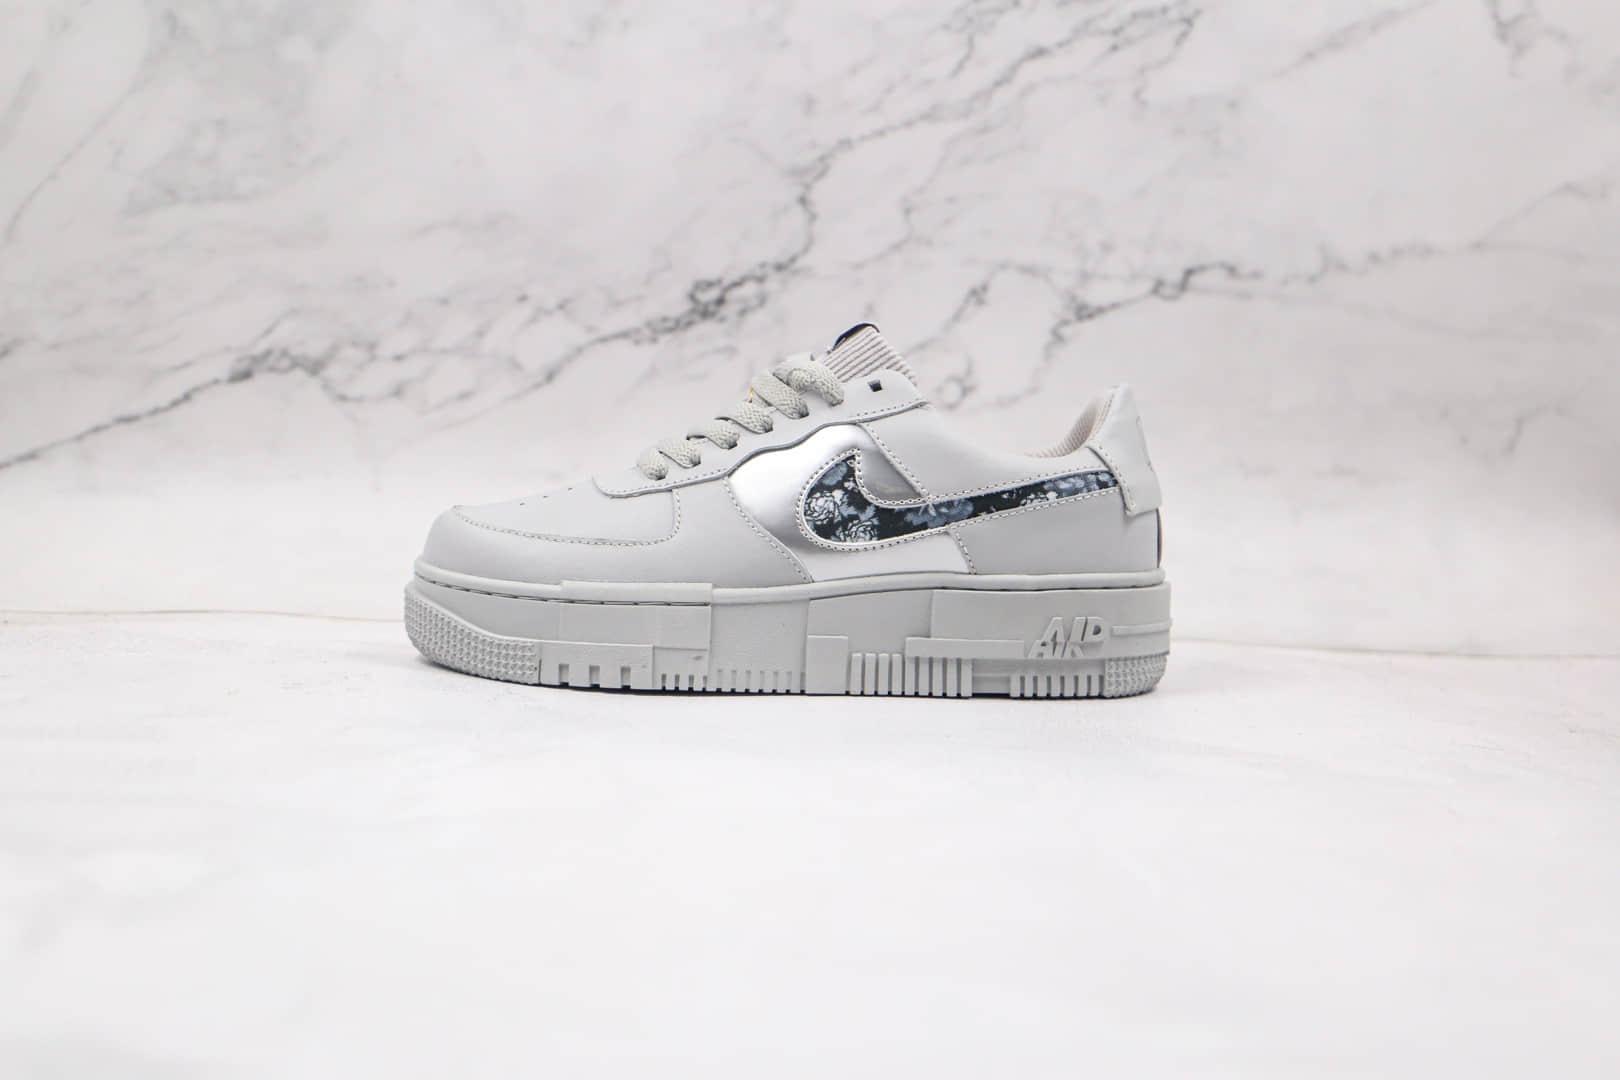 纯原版本耐克低帮空军一号白色花纹板鞋出货